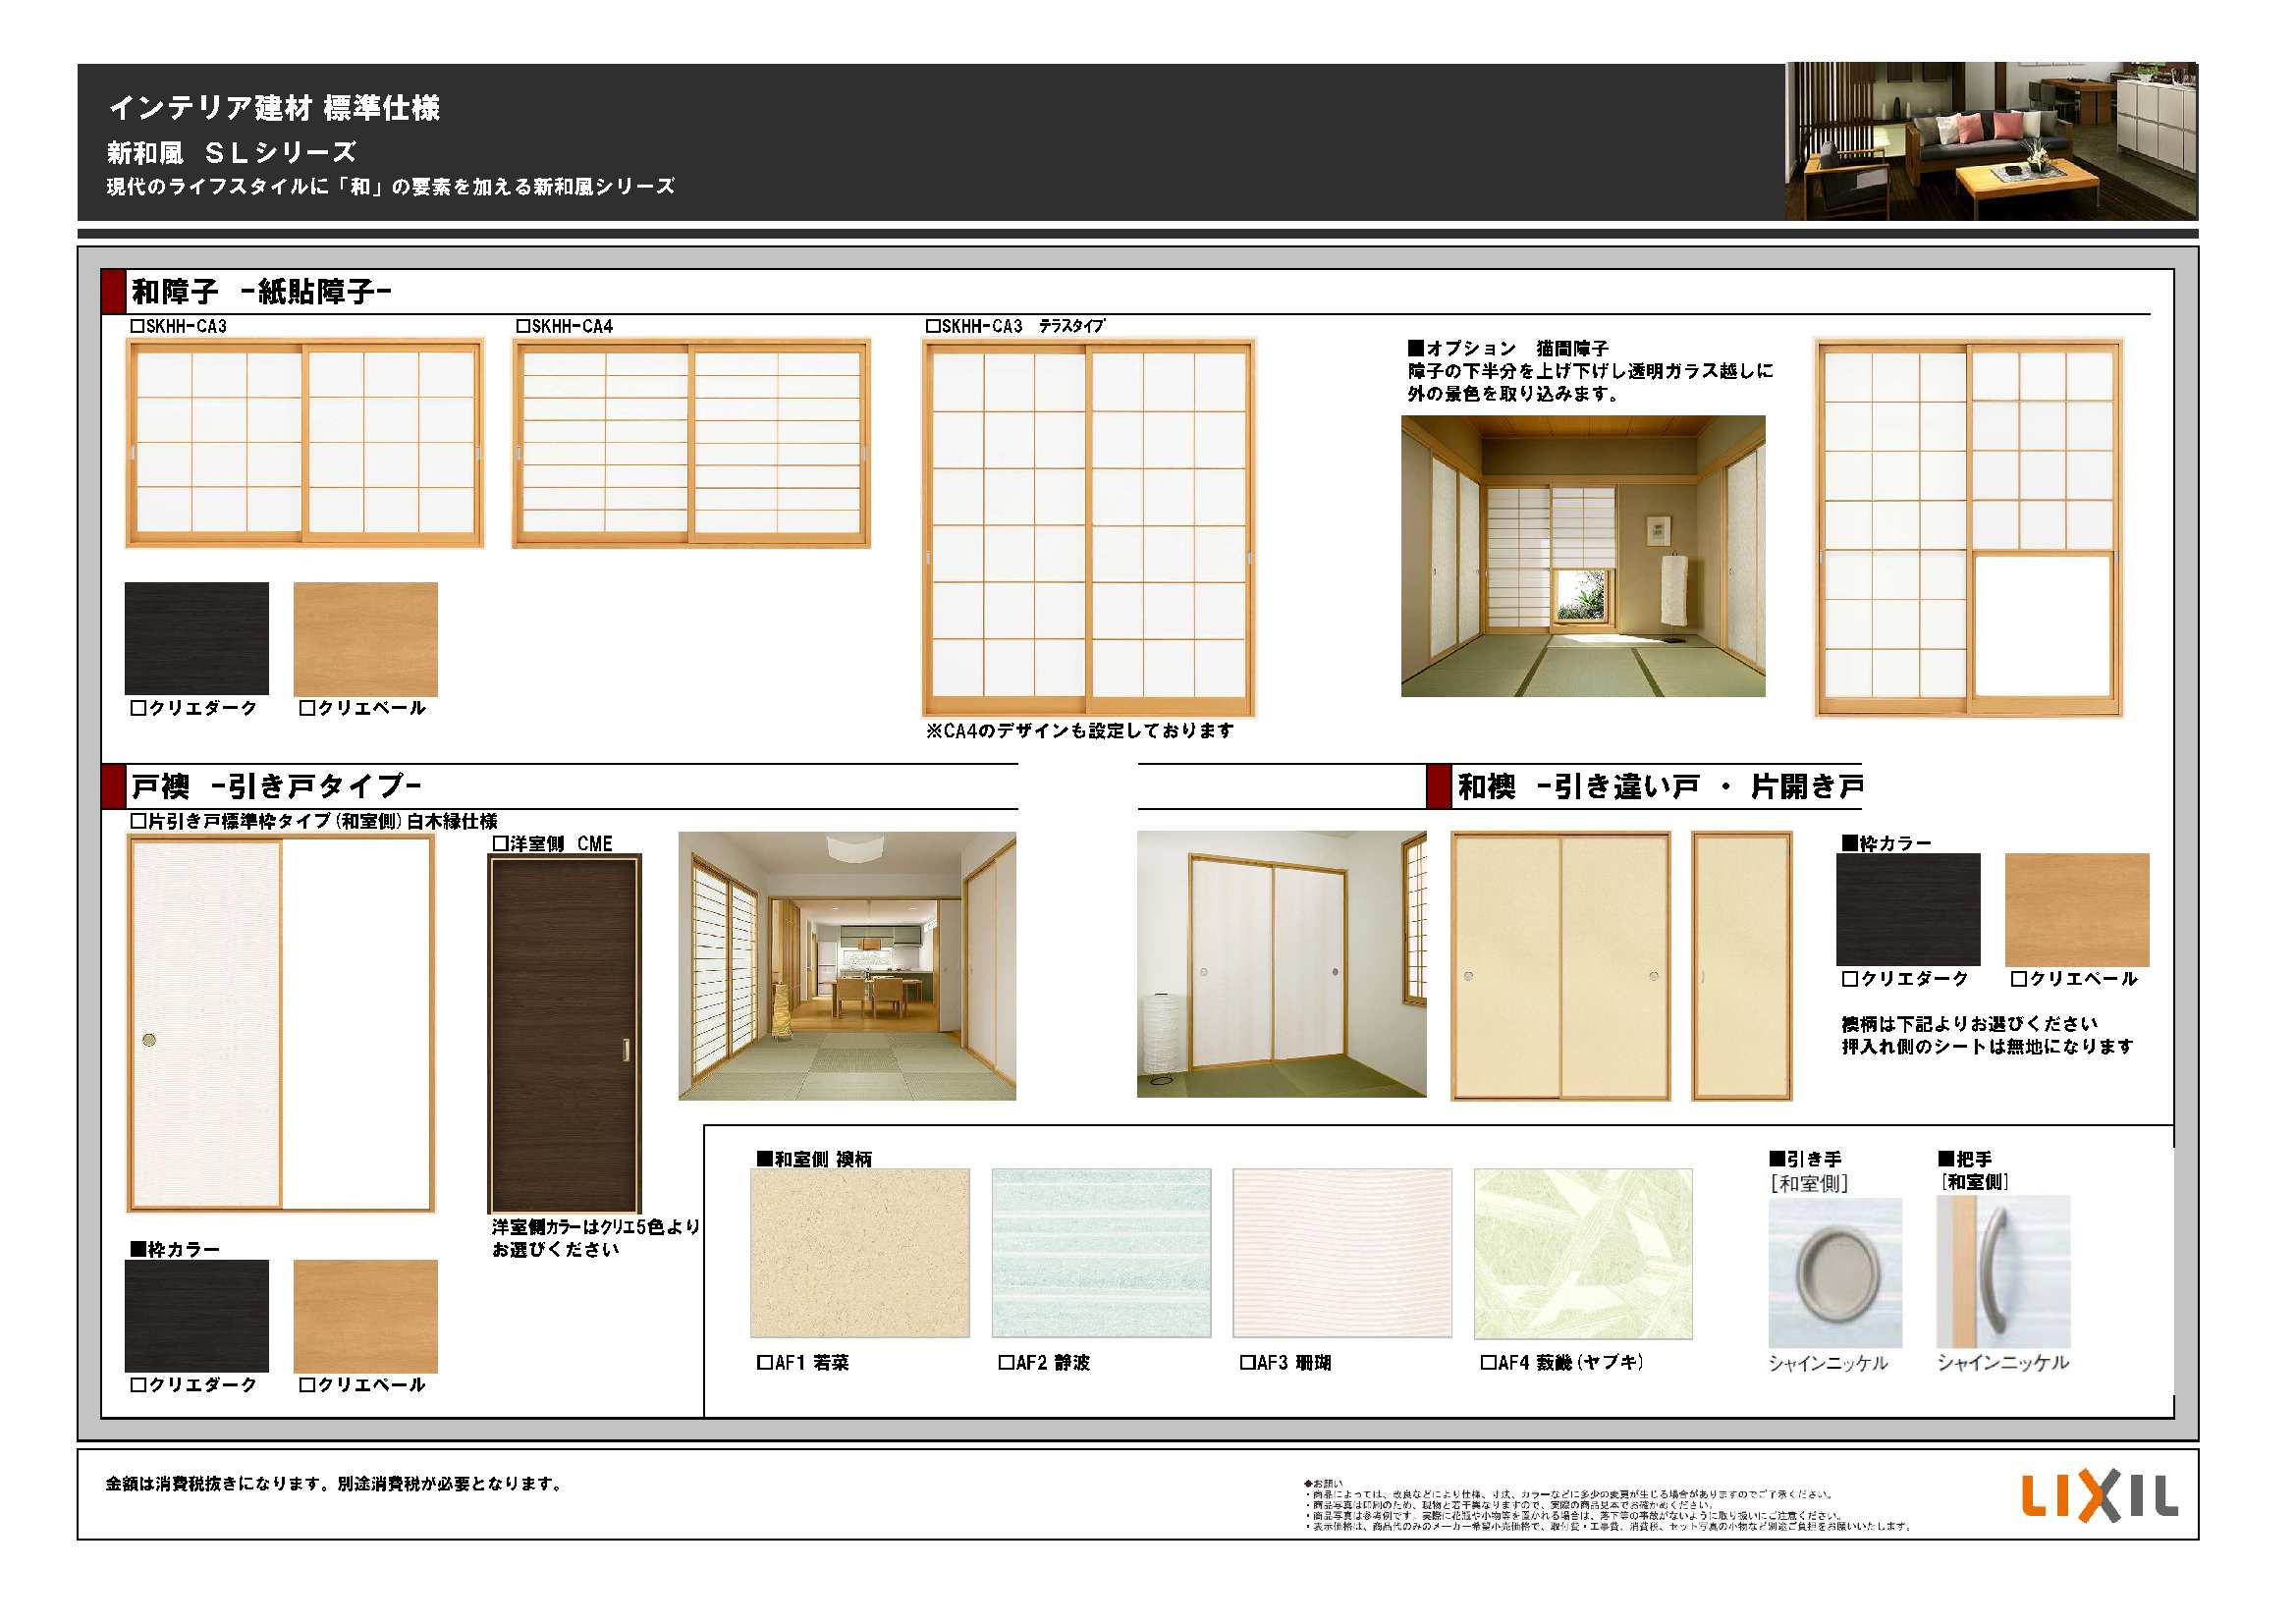 片木反毛株式会社2015標準仕様書-10